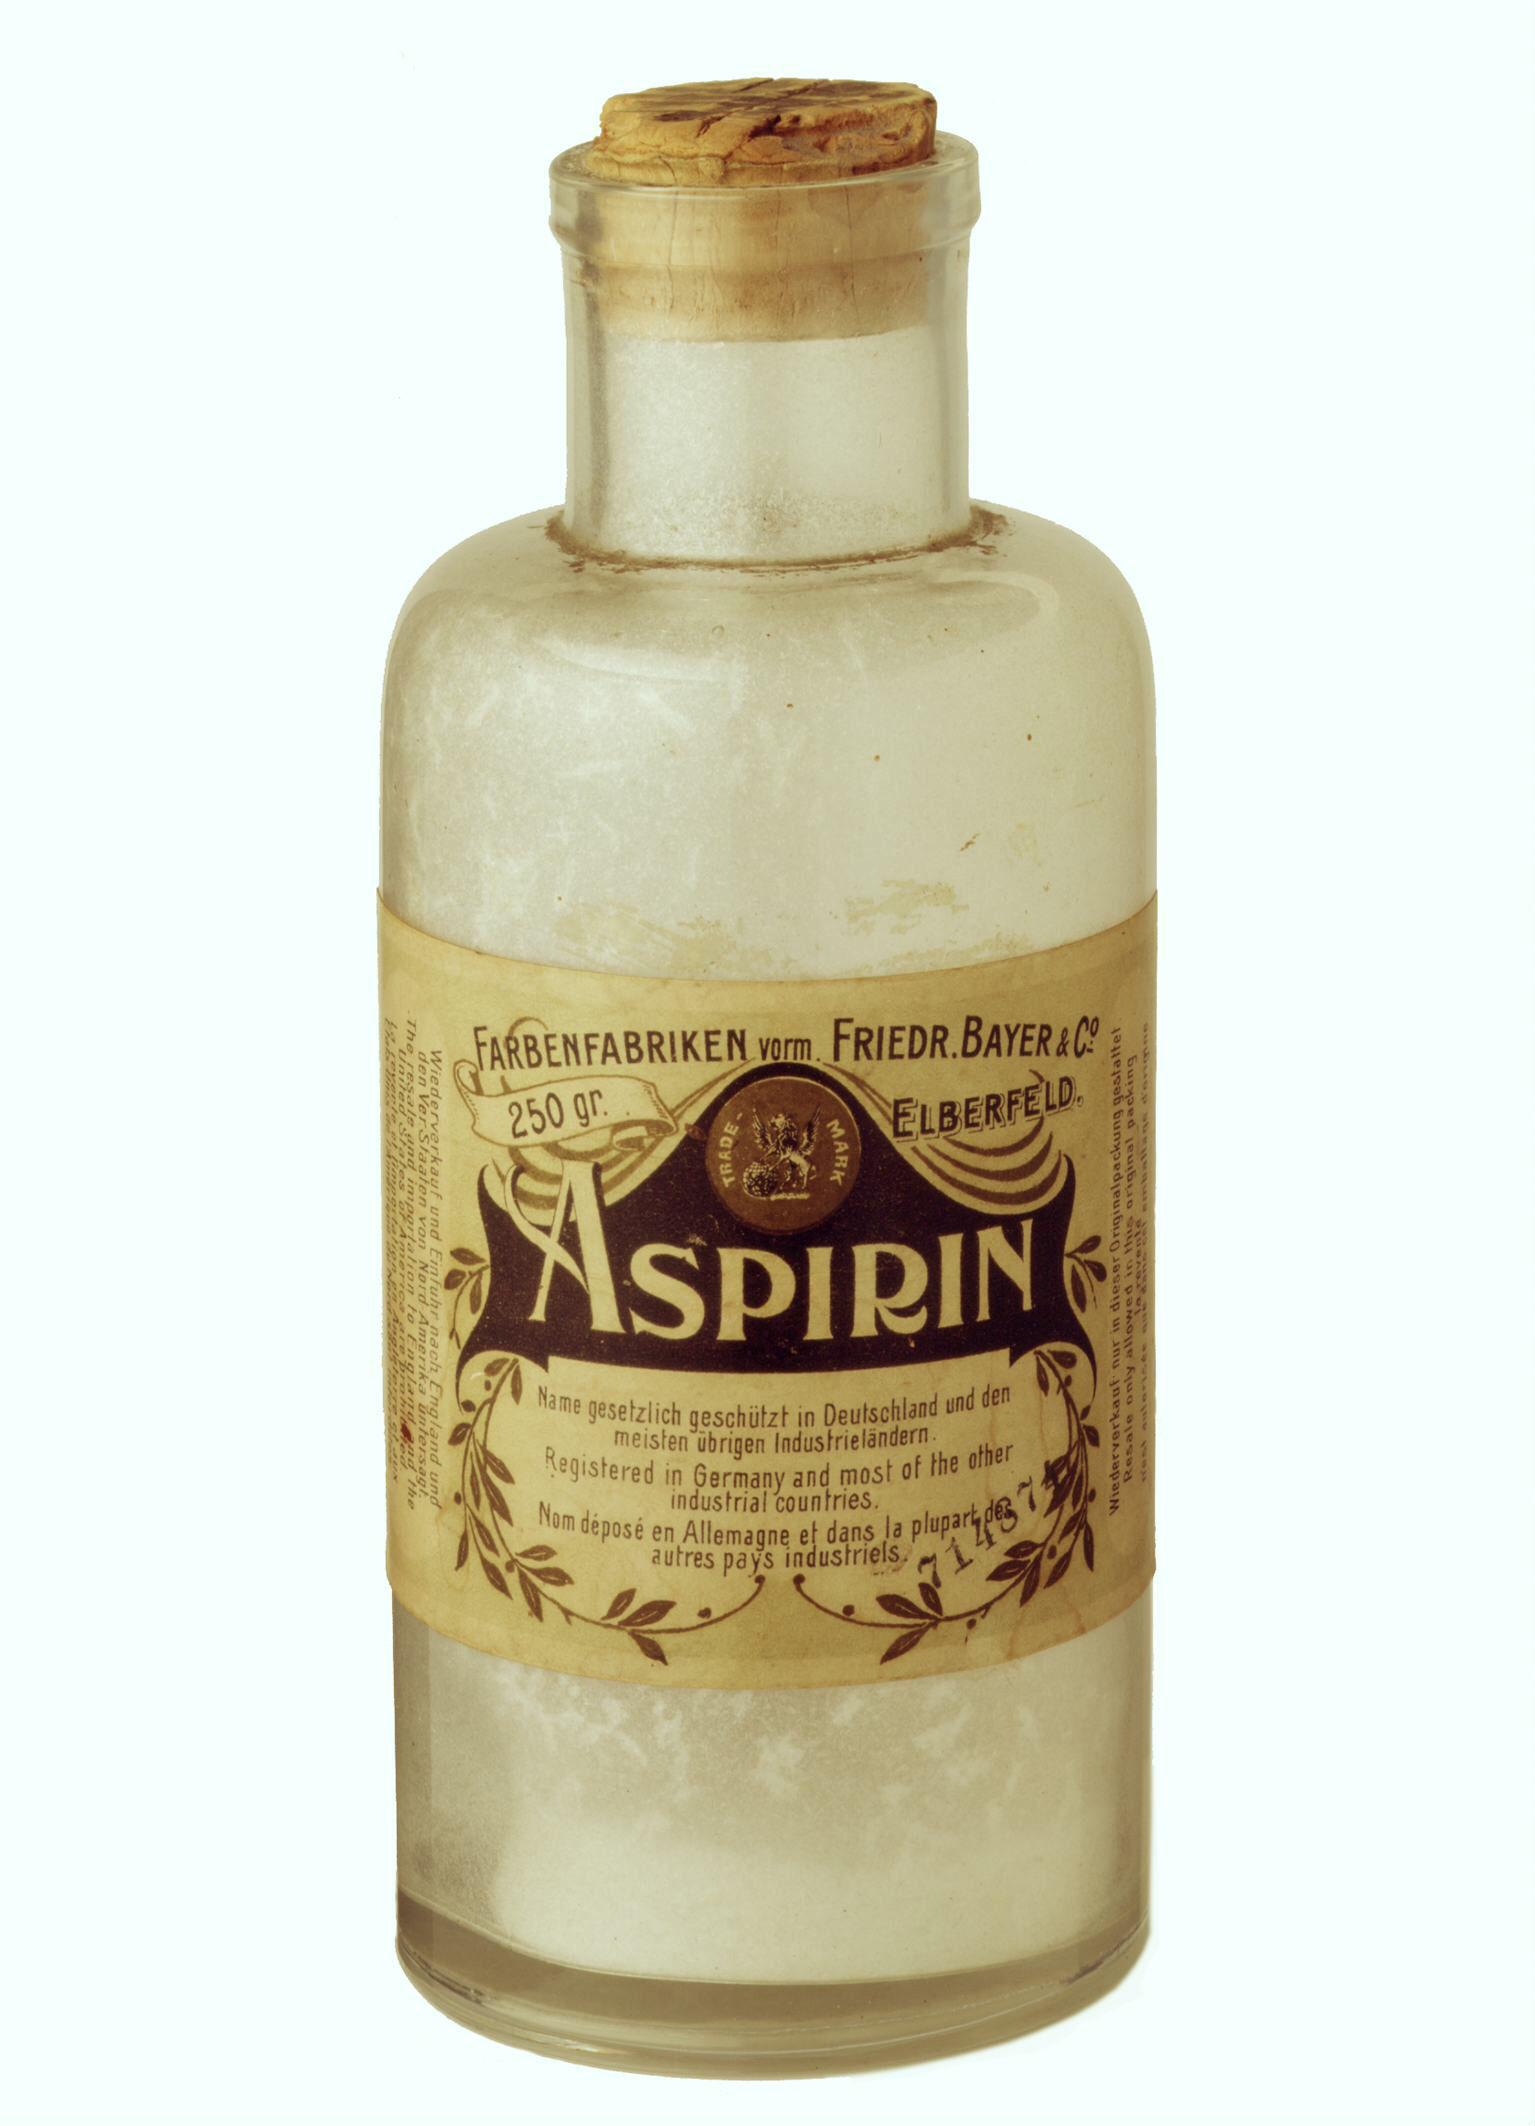 An original Bayer aspirin bottle